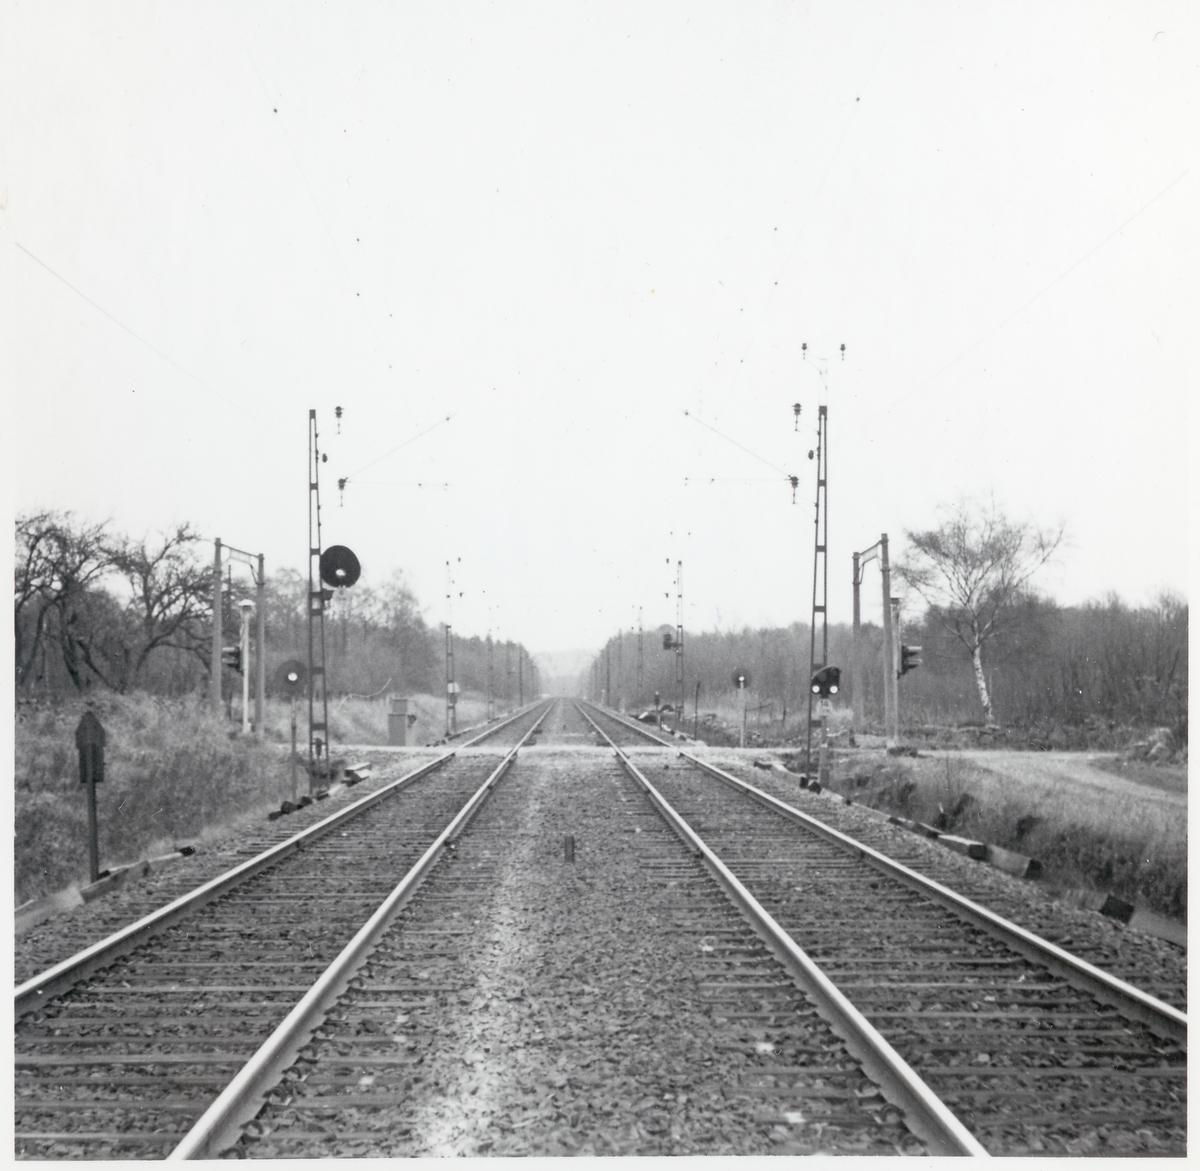 Plankorsning vid Ormanäs, på linjen mellan Höör och Stehag.